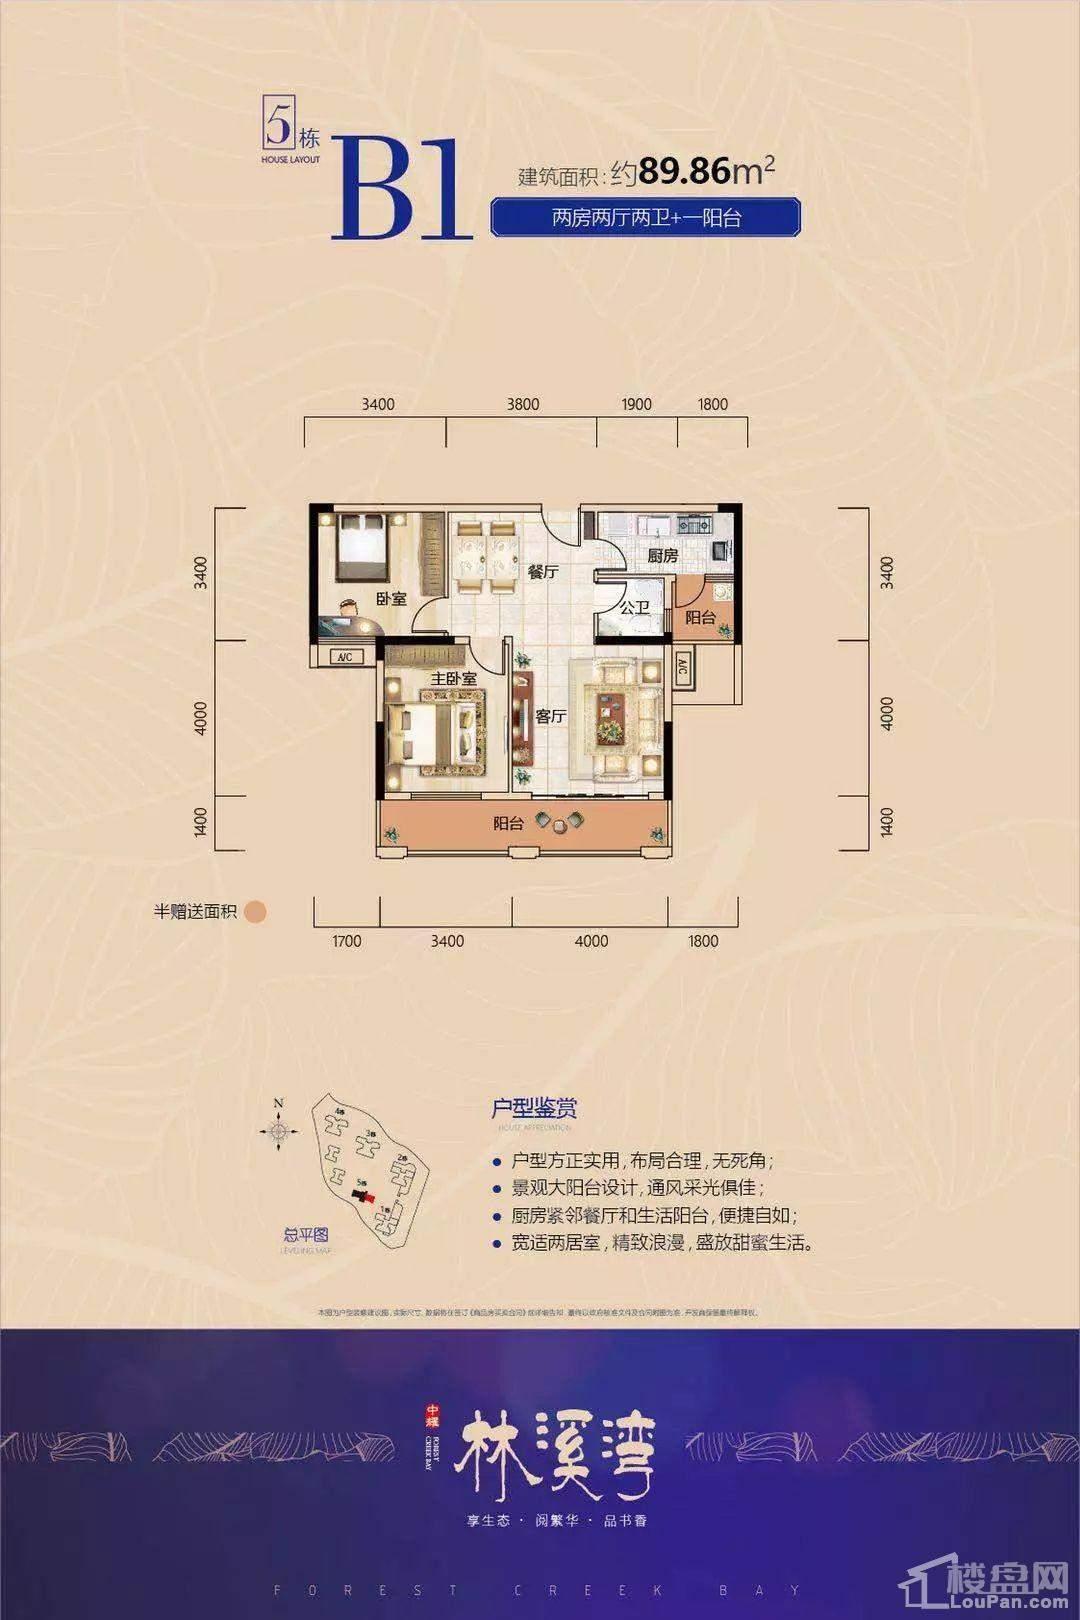 中耀·林溪湾5栋B1户型